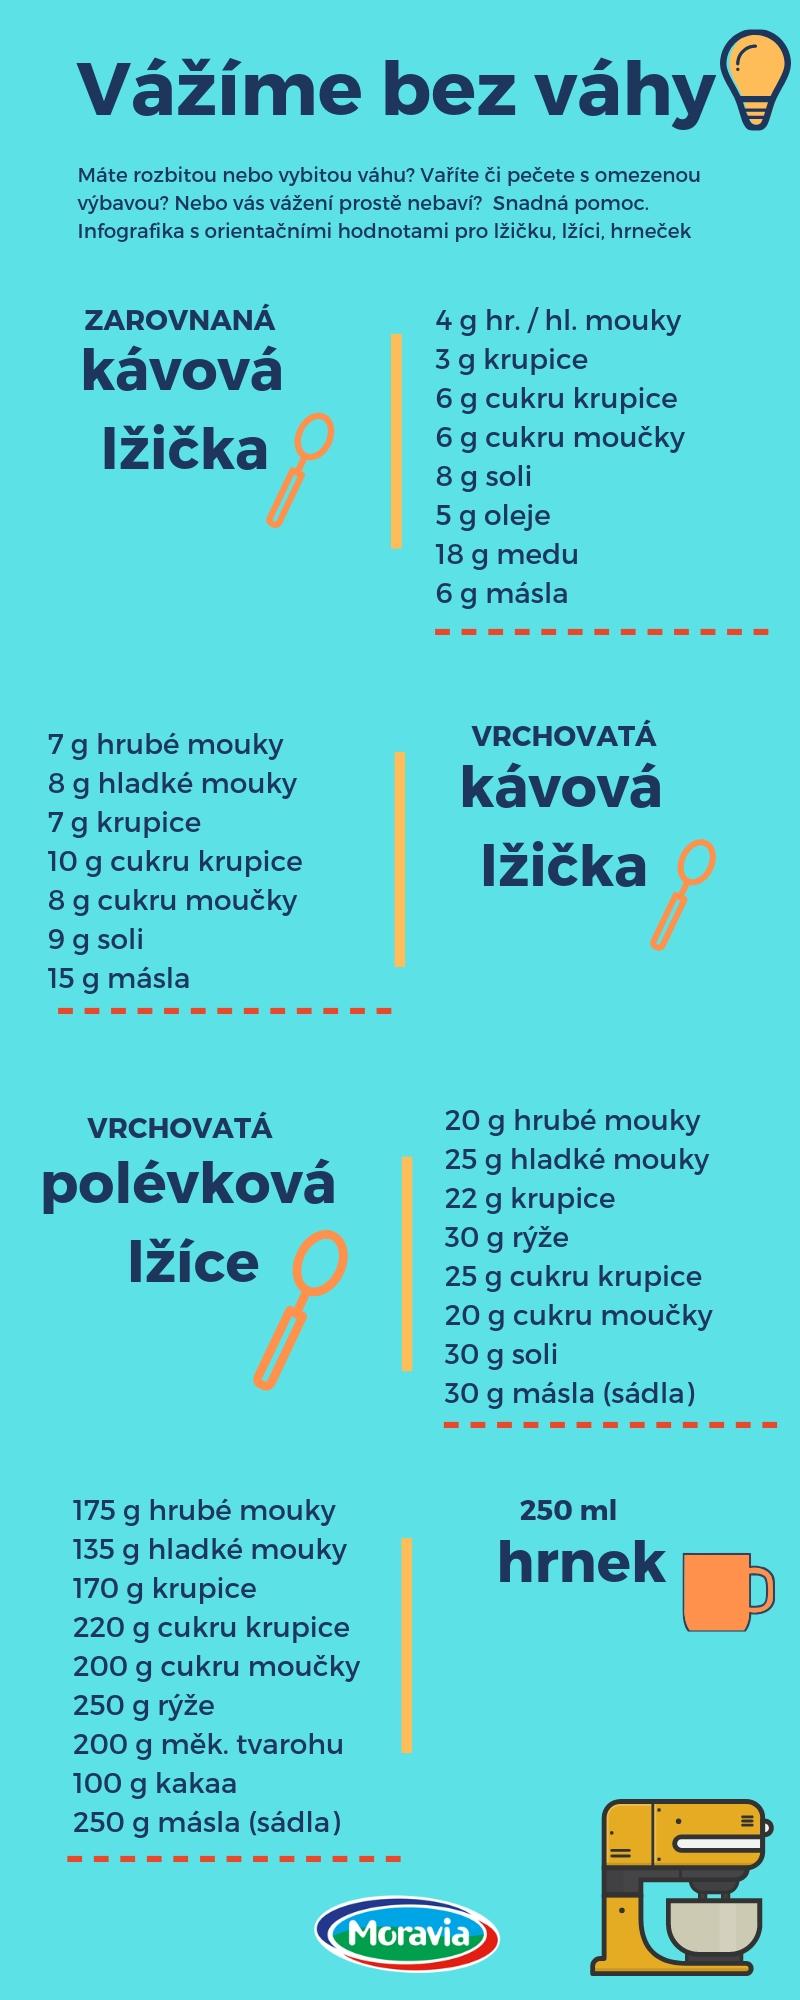 Infografika - Vážíme bez váhy